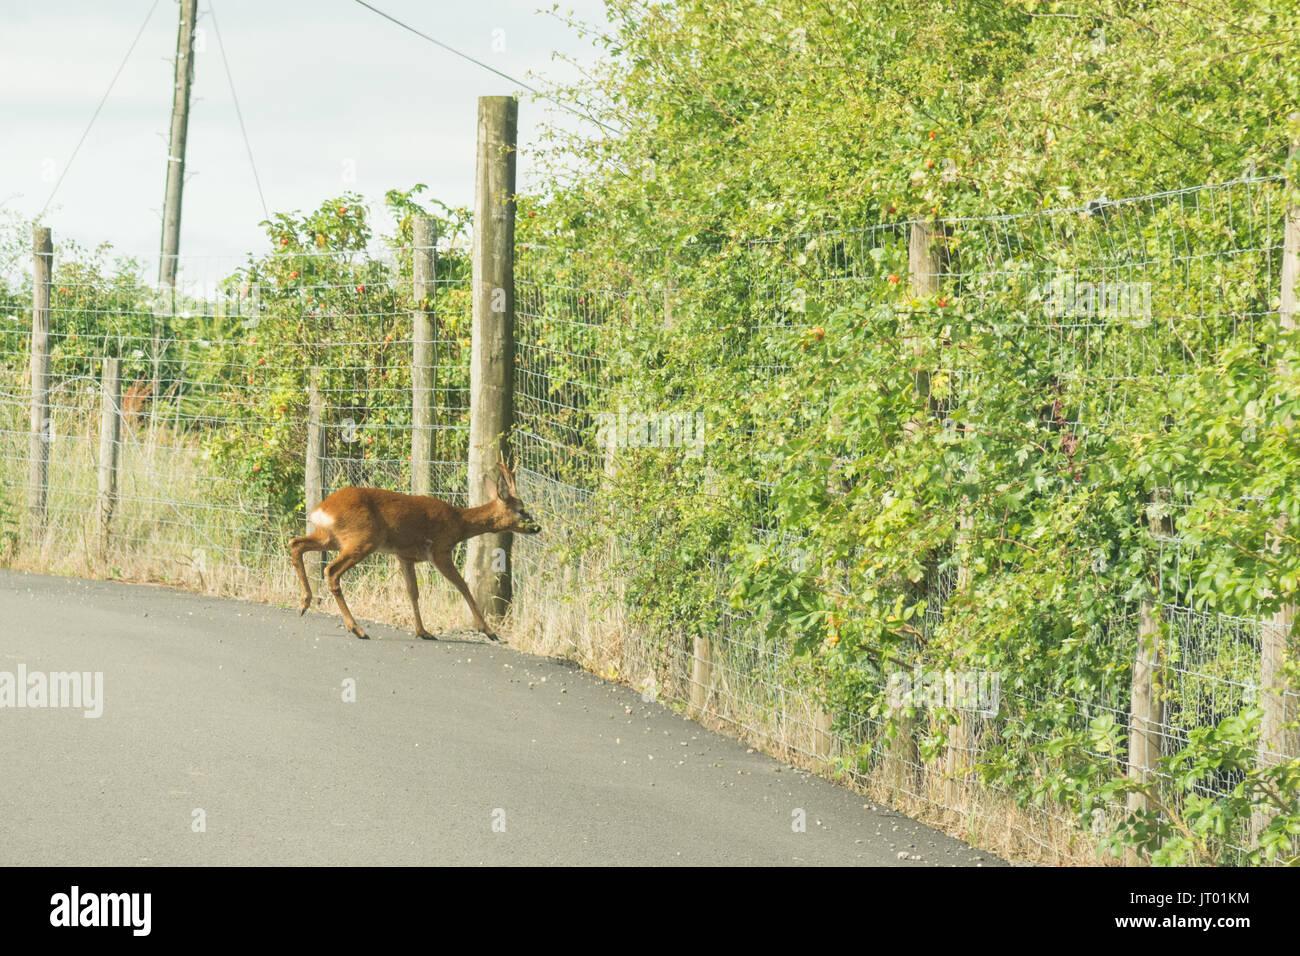 roe deer stuck on road behind deer fencing - Stock Image